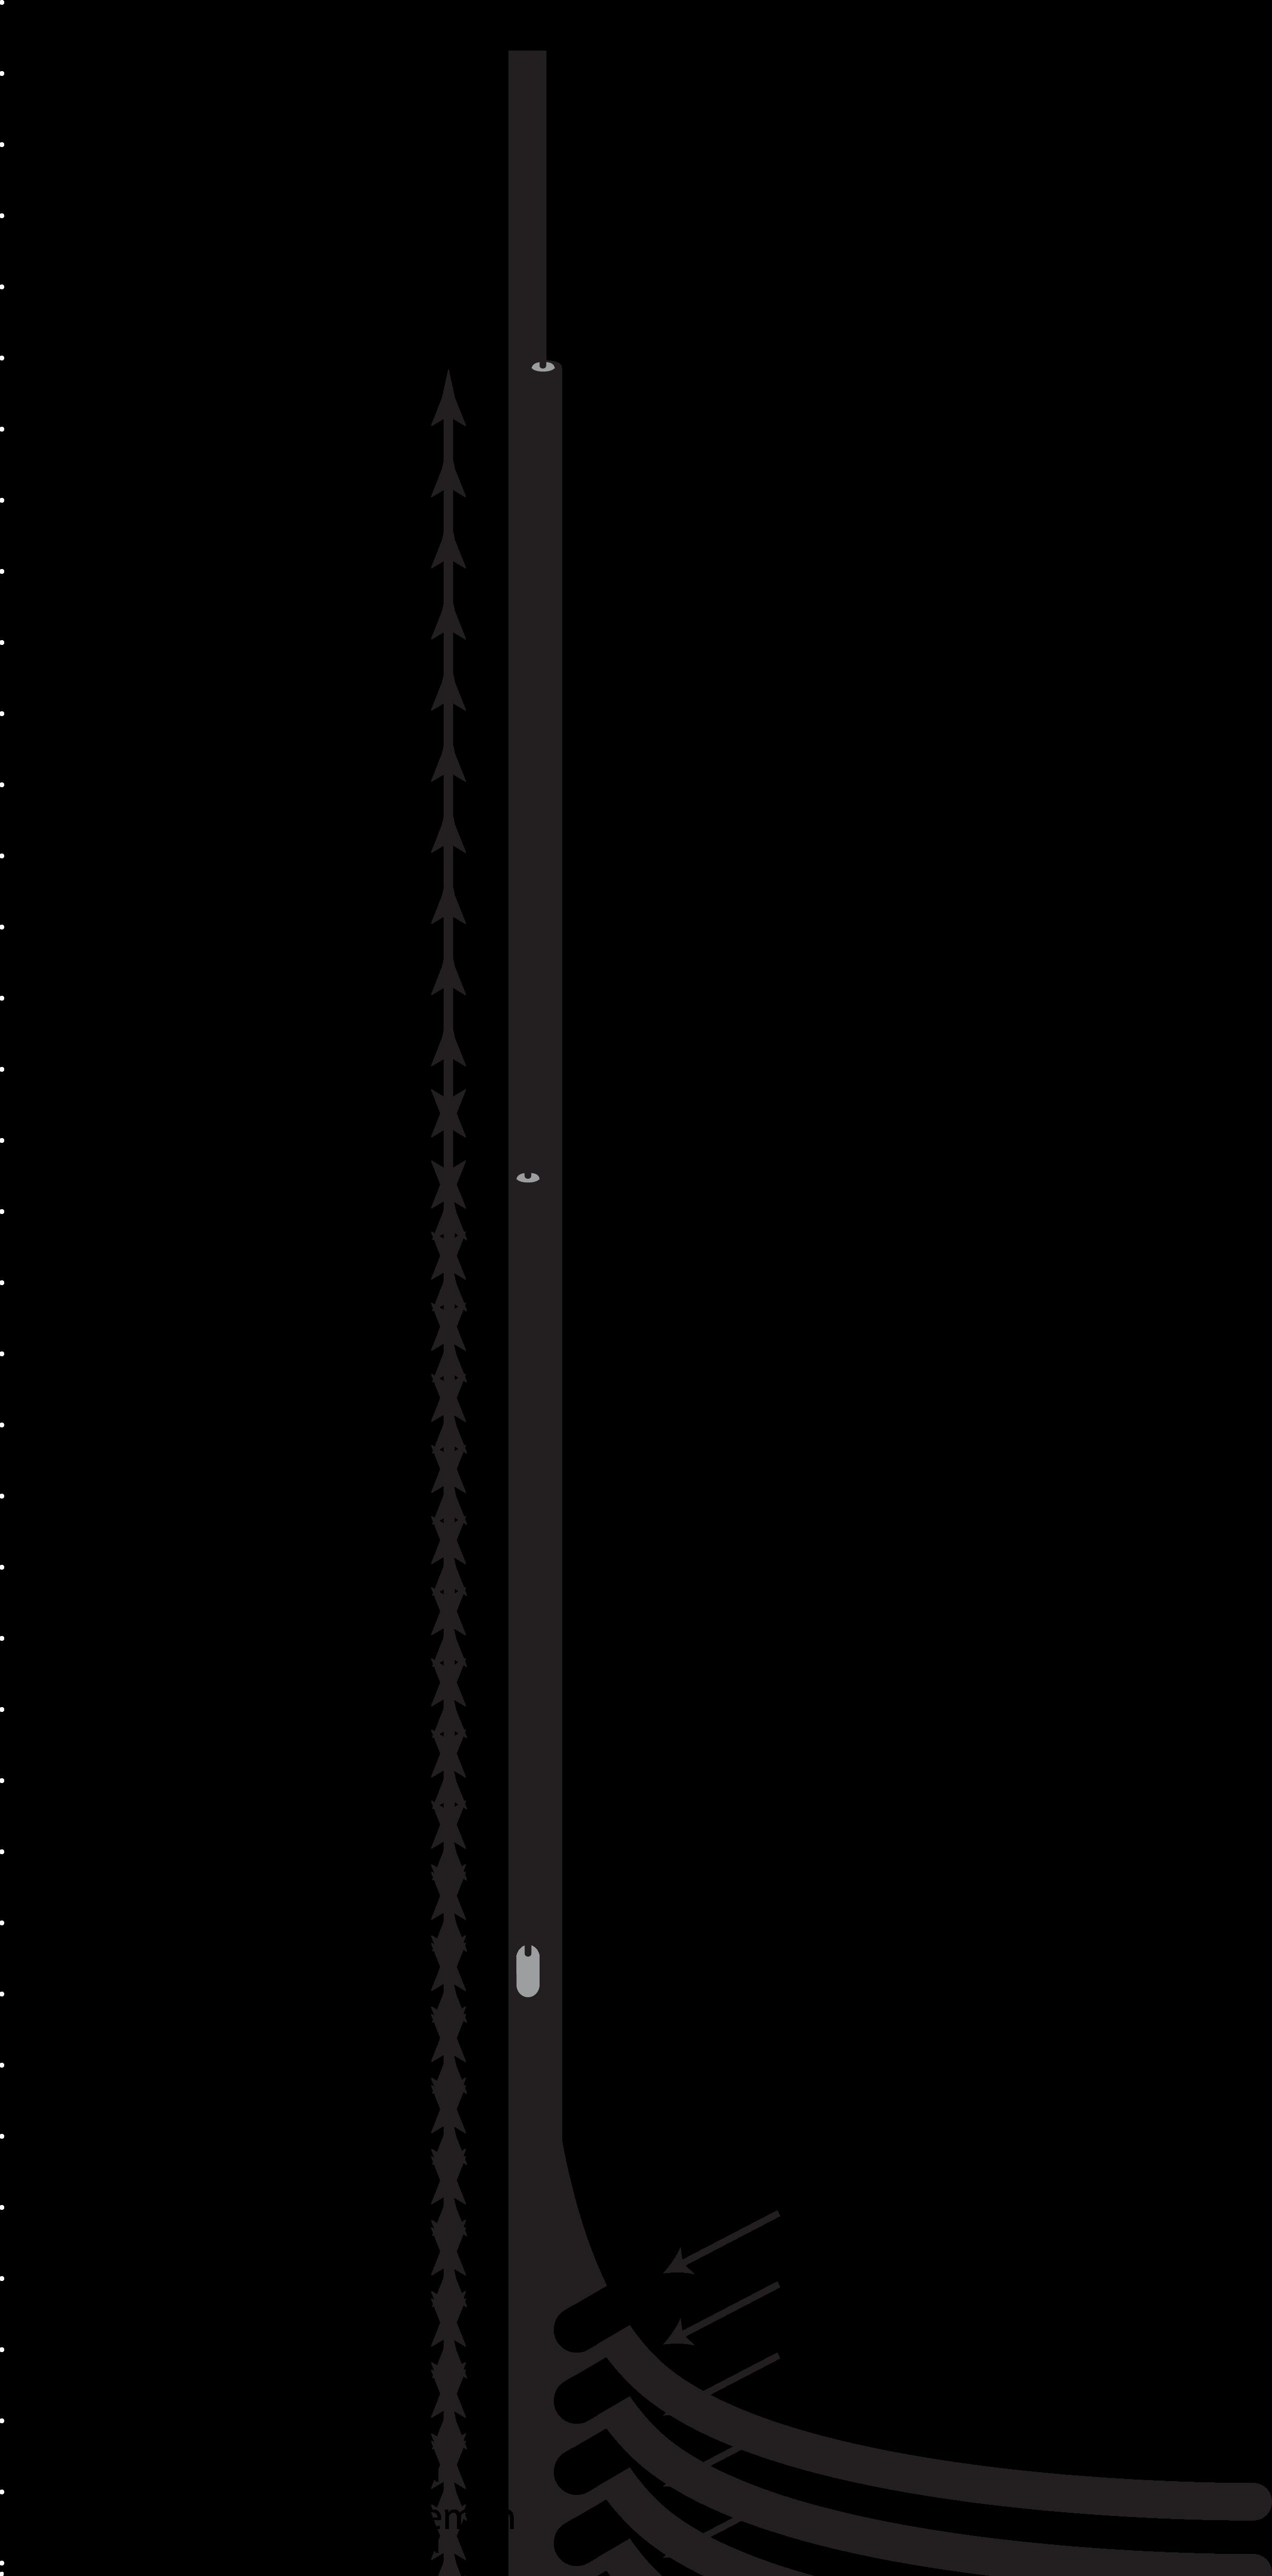 Collinear Coaxial Antenna Design Calculator